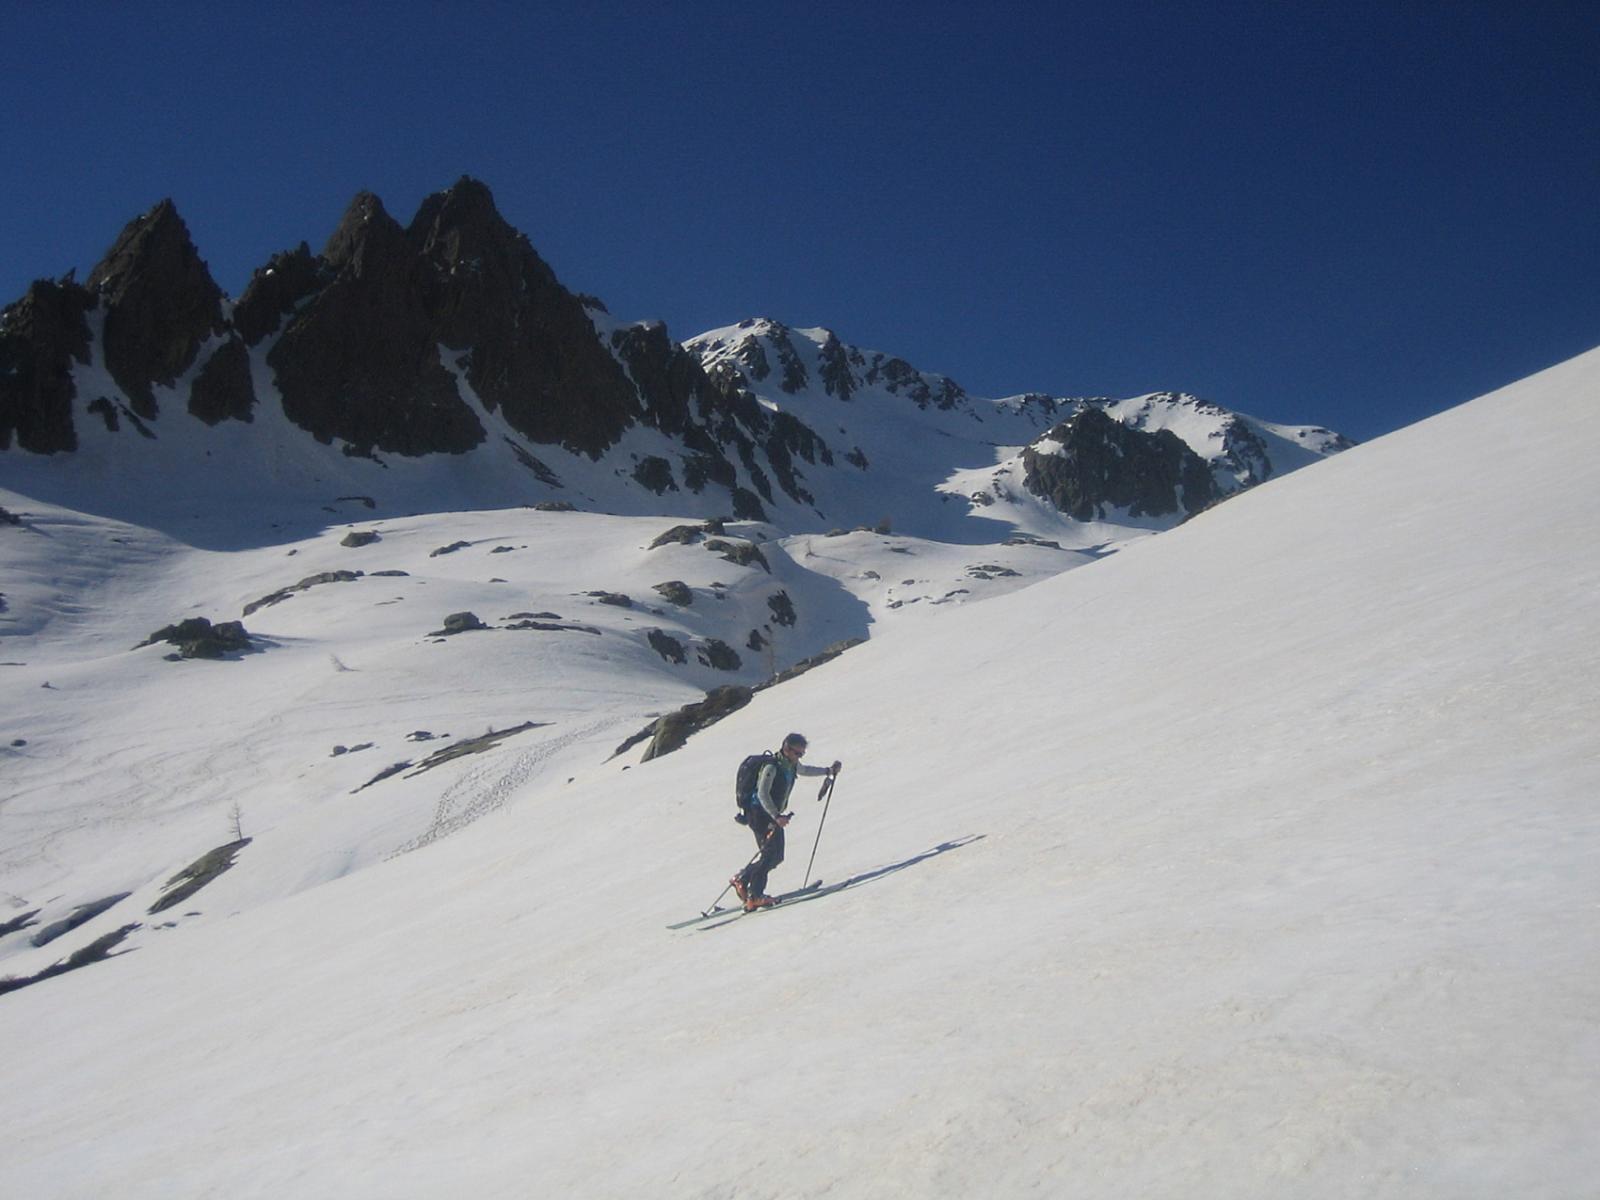 ambiente molto bello e una serie di dossi ideali per lo sci